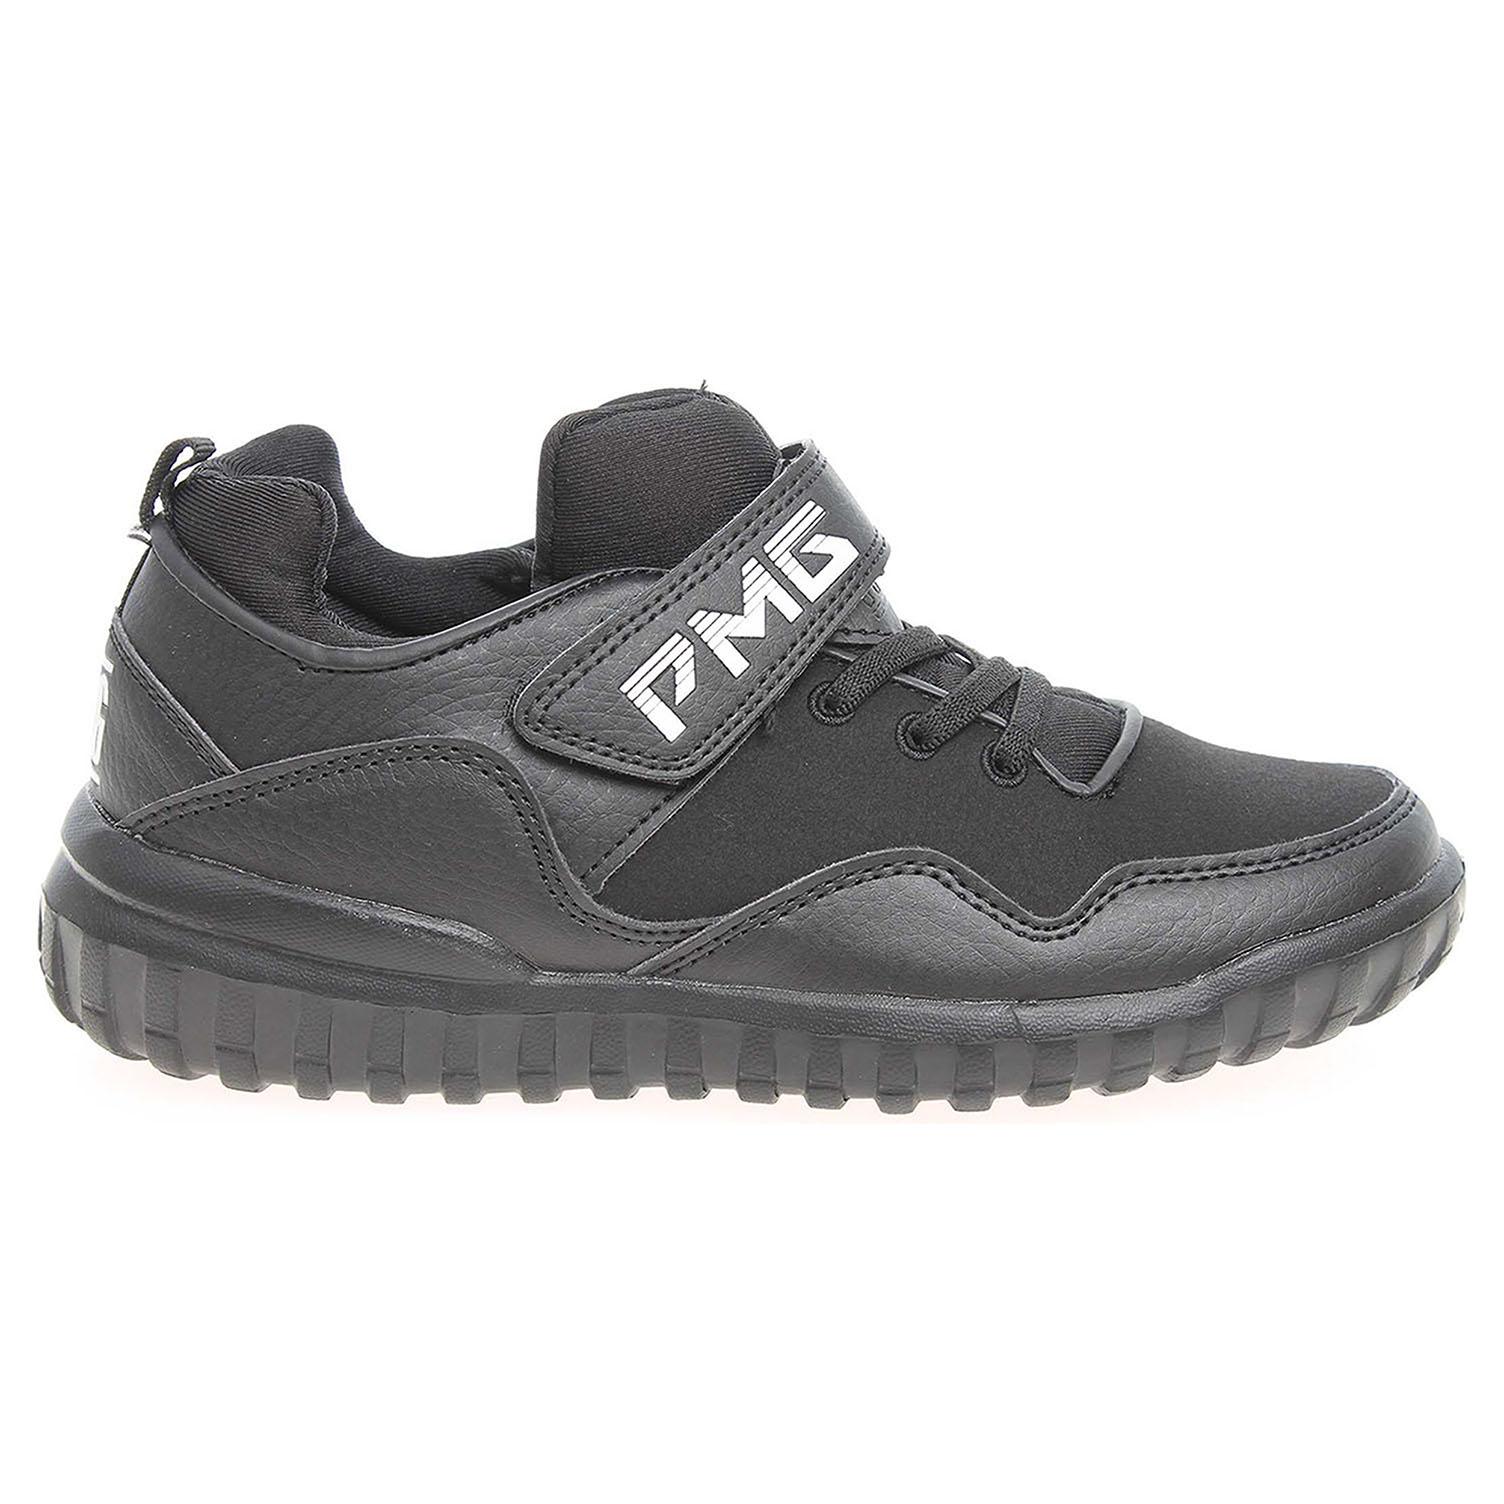 Ecco Primigi chlapecká obuv 8295300 černá 29700112